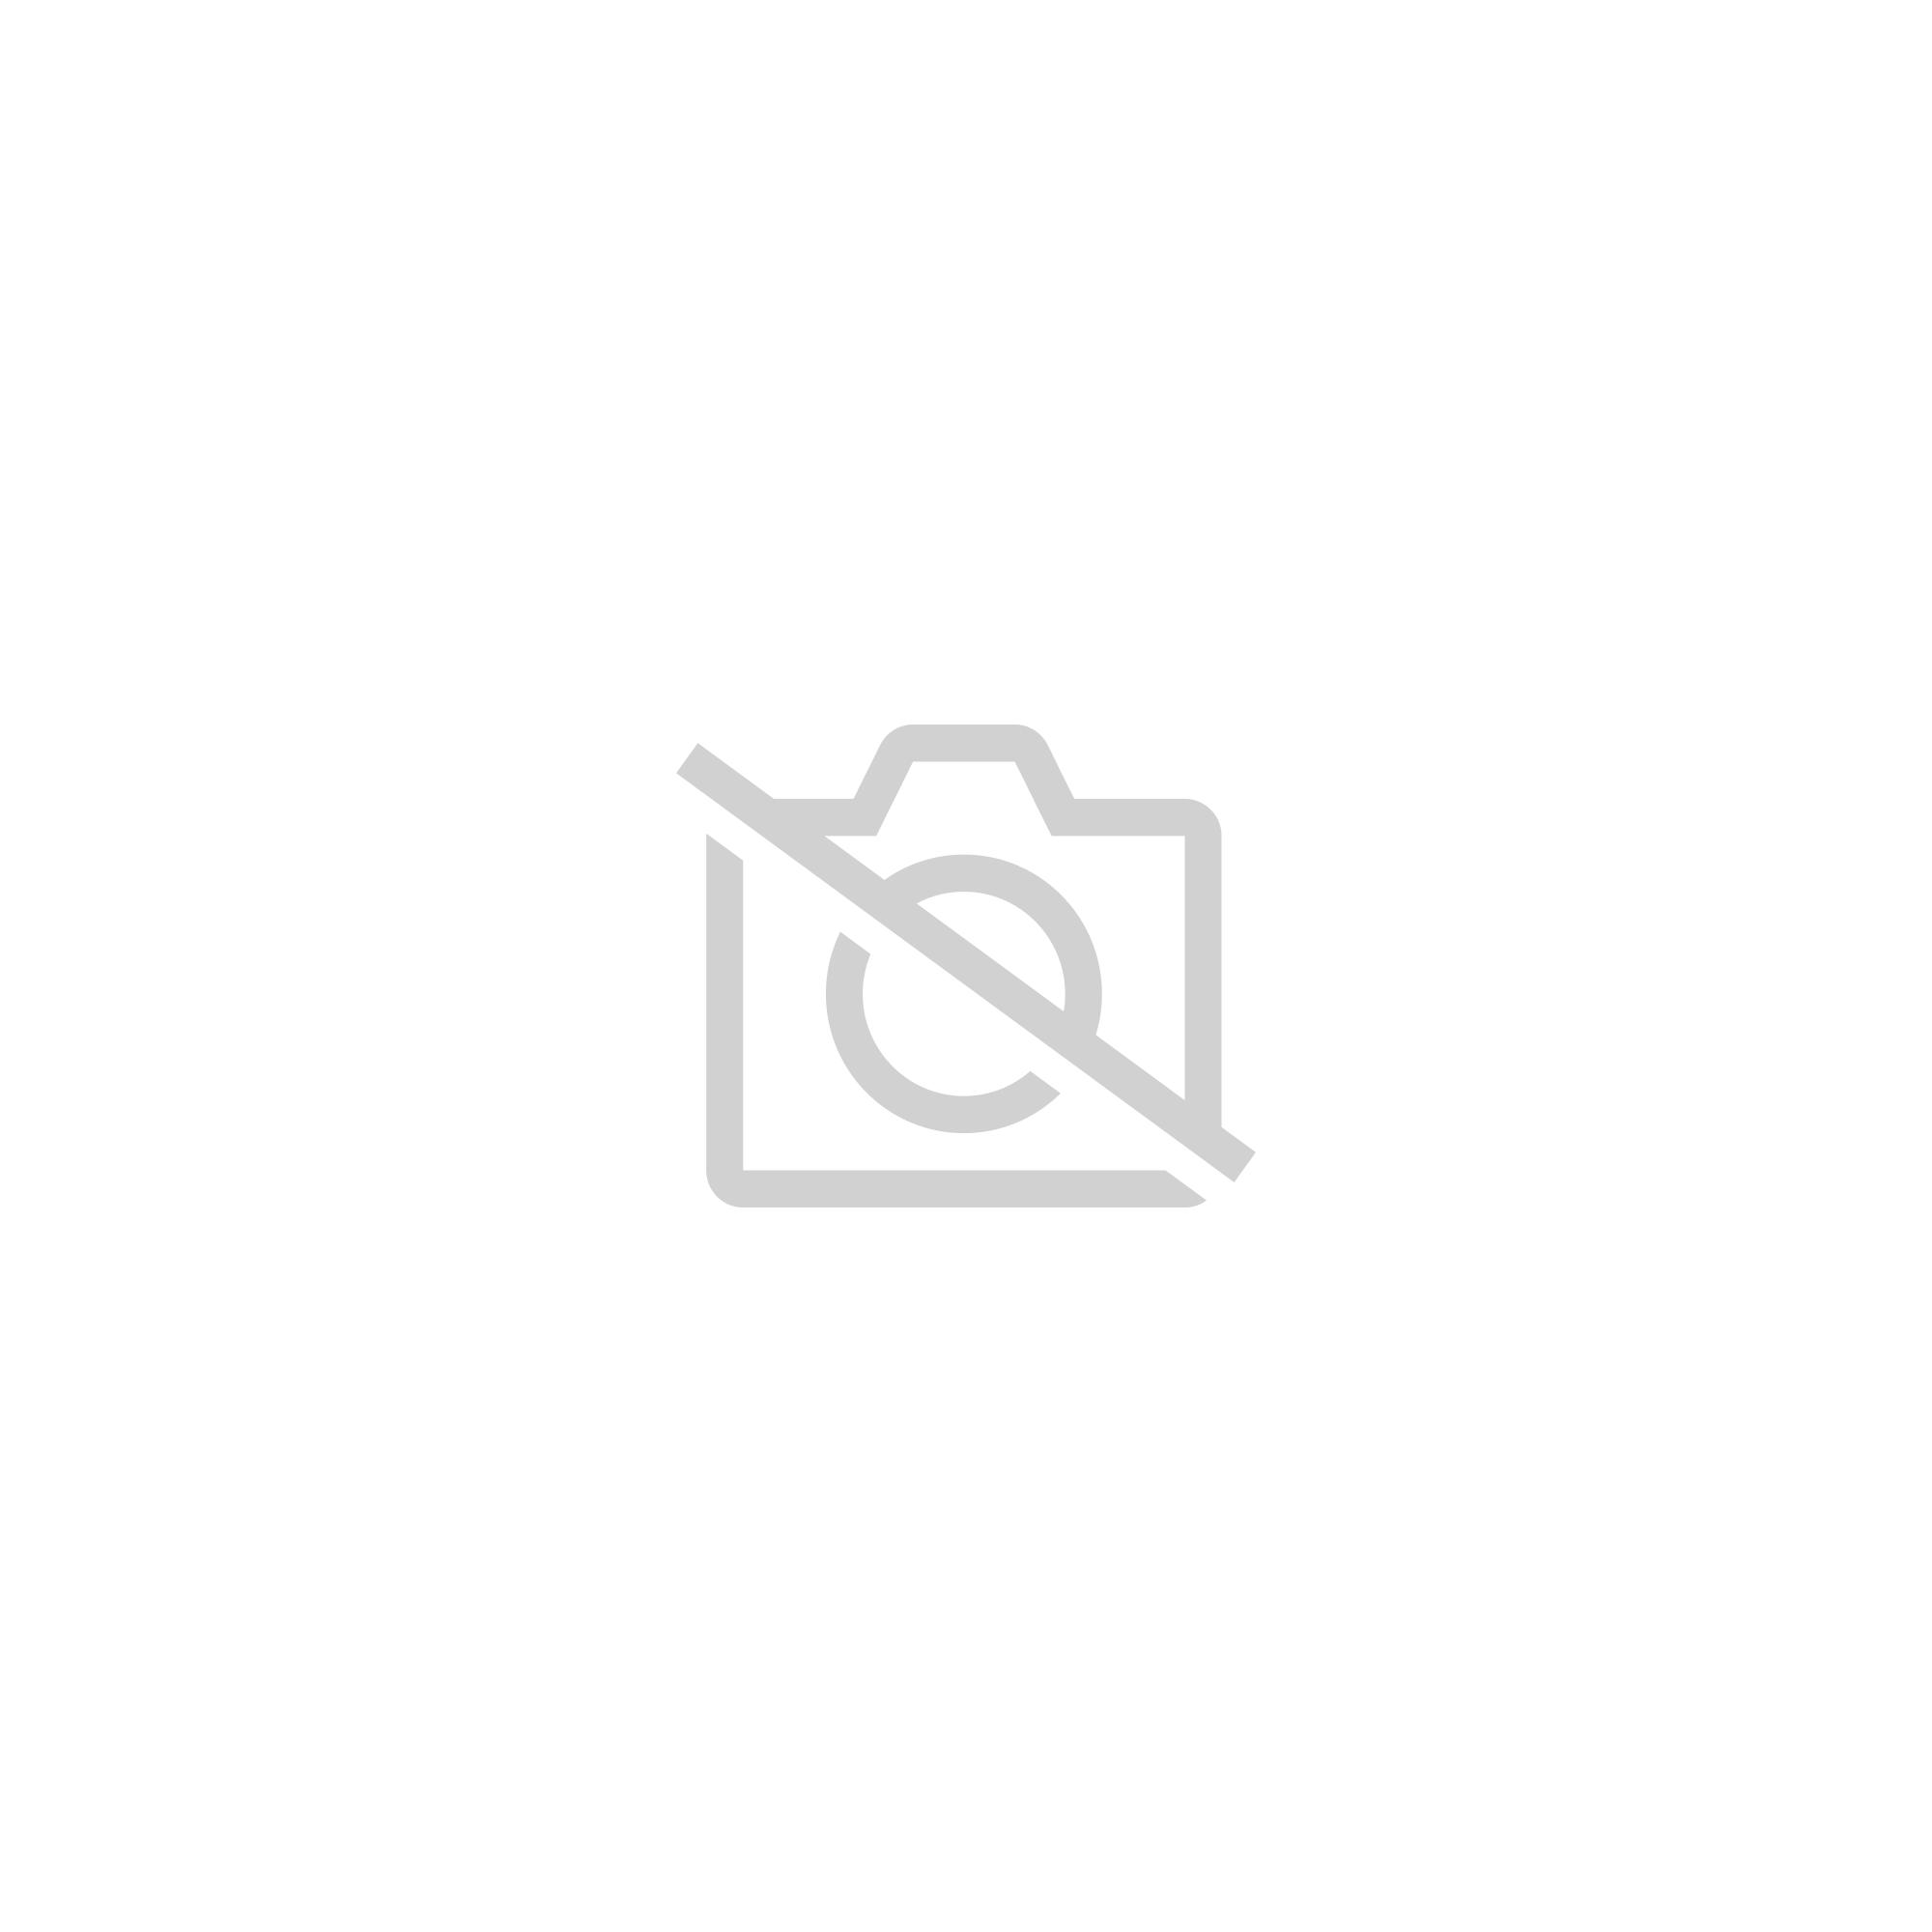 Ce Qu'etait Un Roi De France de frantz funck-brentano